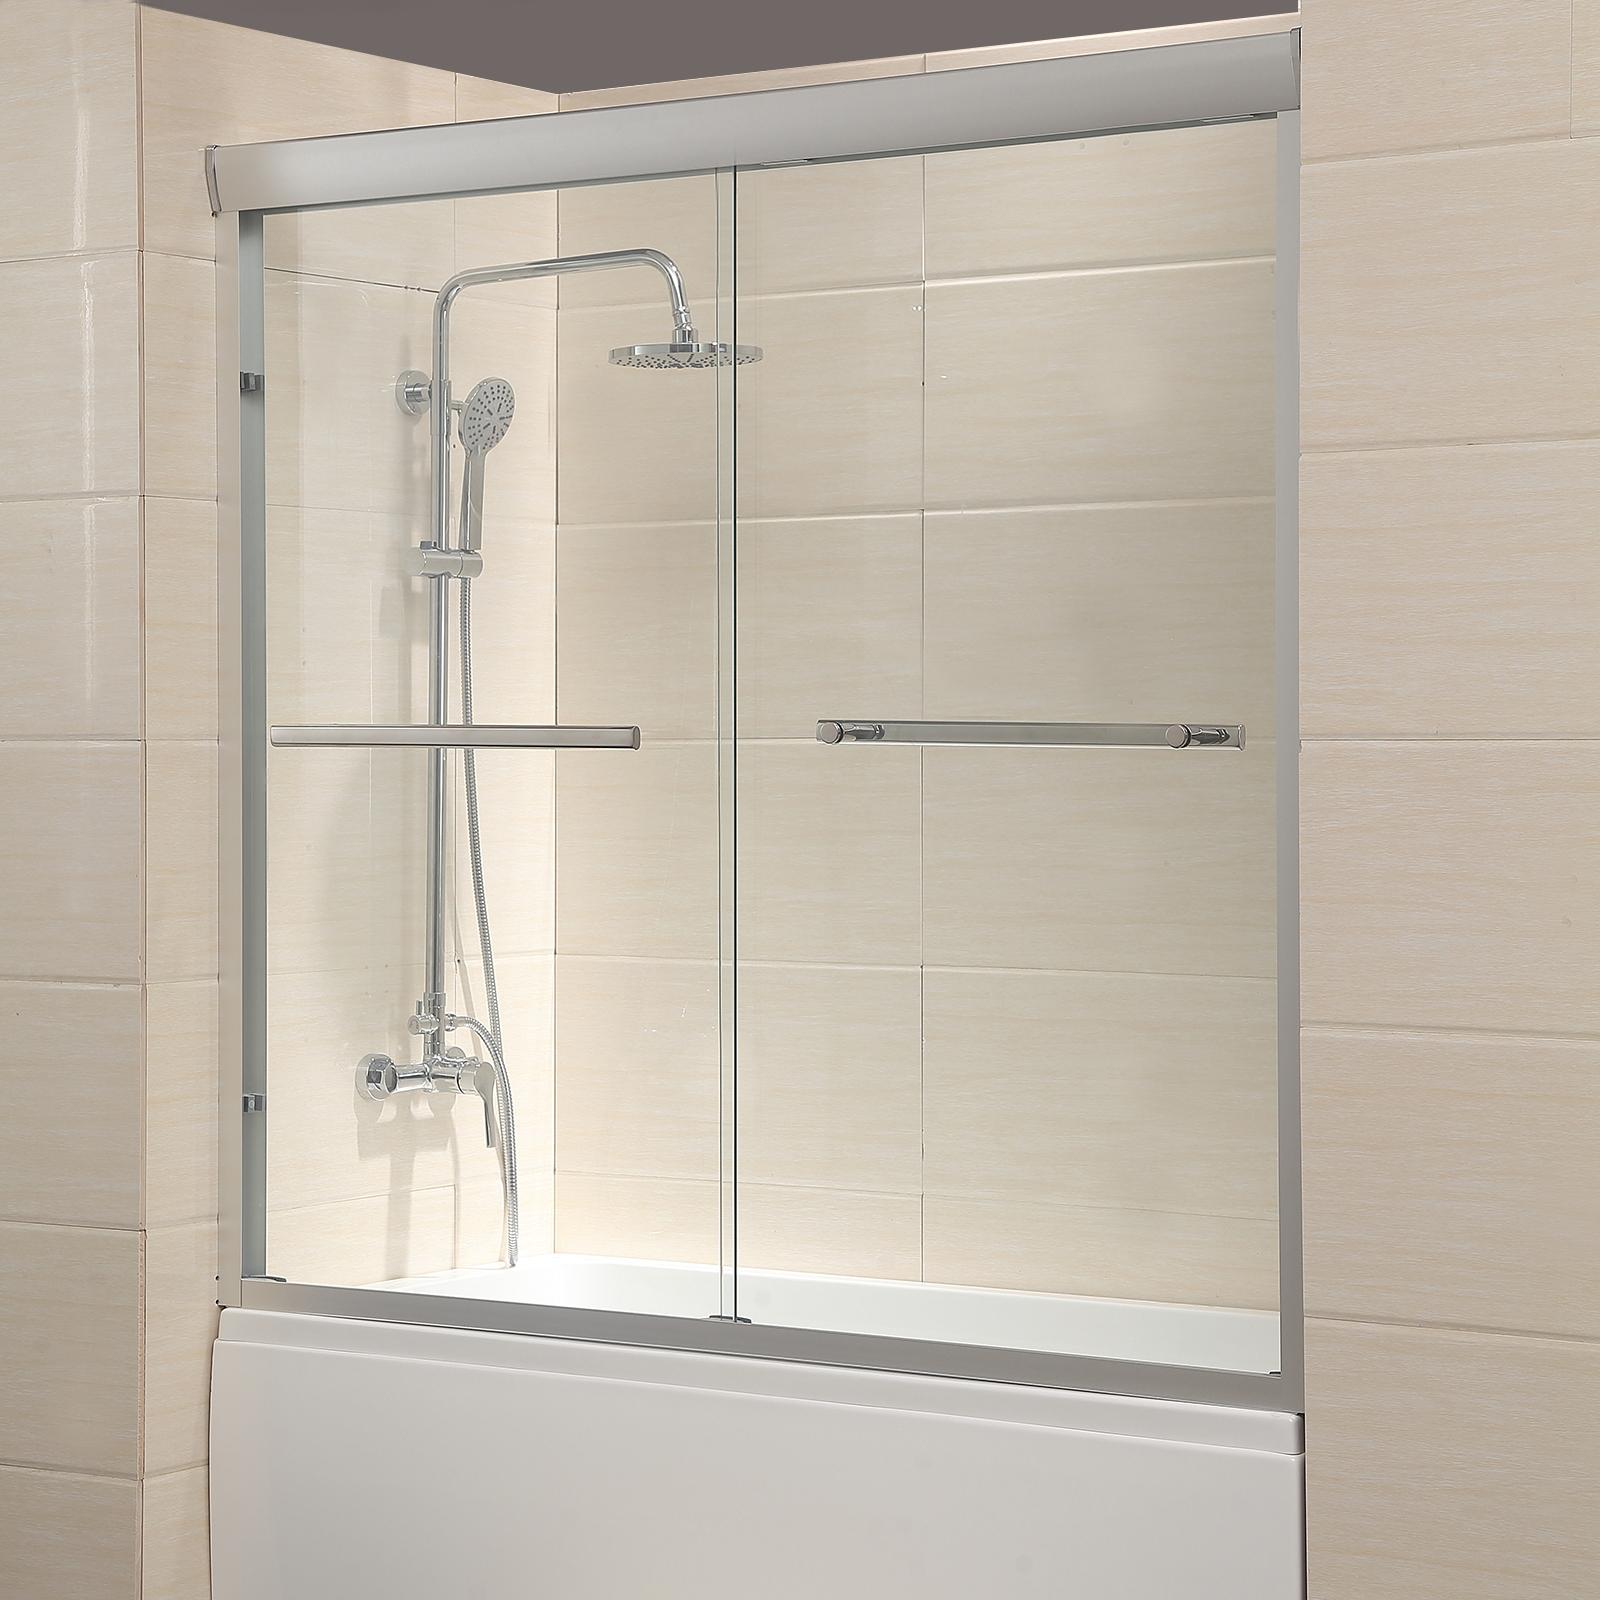 Details About 60 Framed 1 4 Clear Glass 2 Sliding Bath Shower Door Brushed Nickel Finish